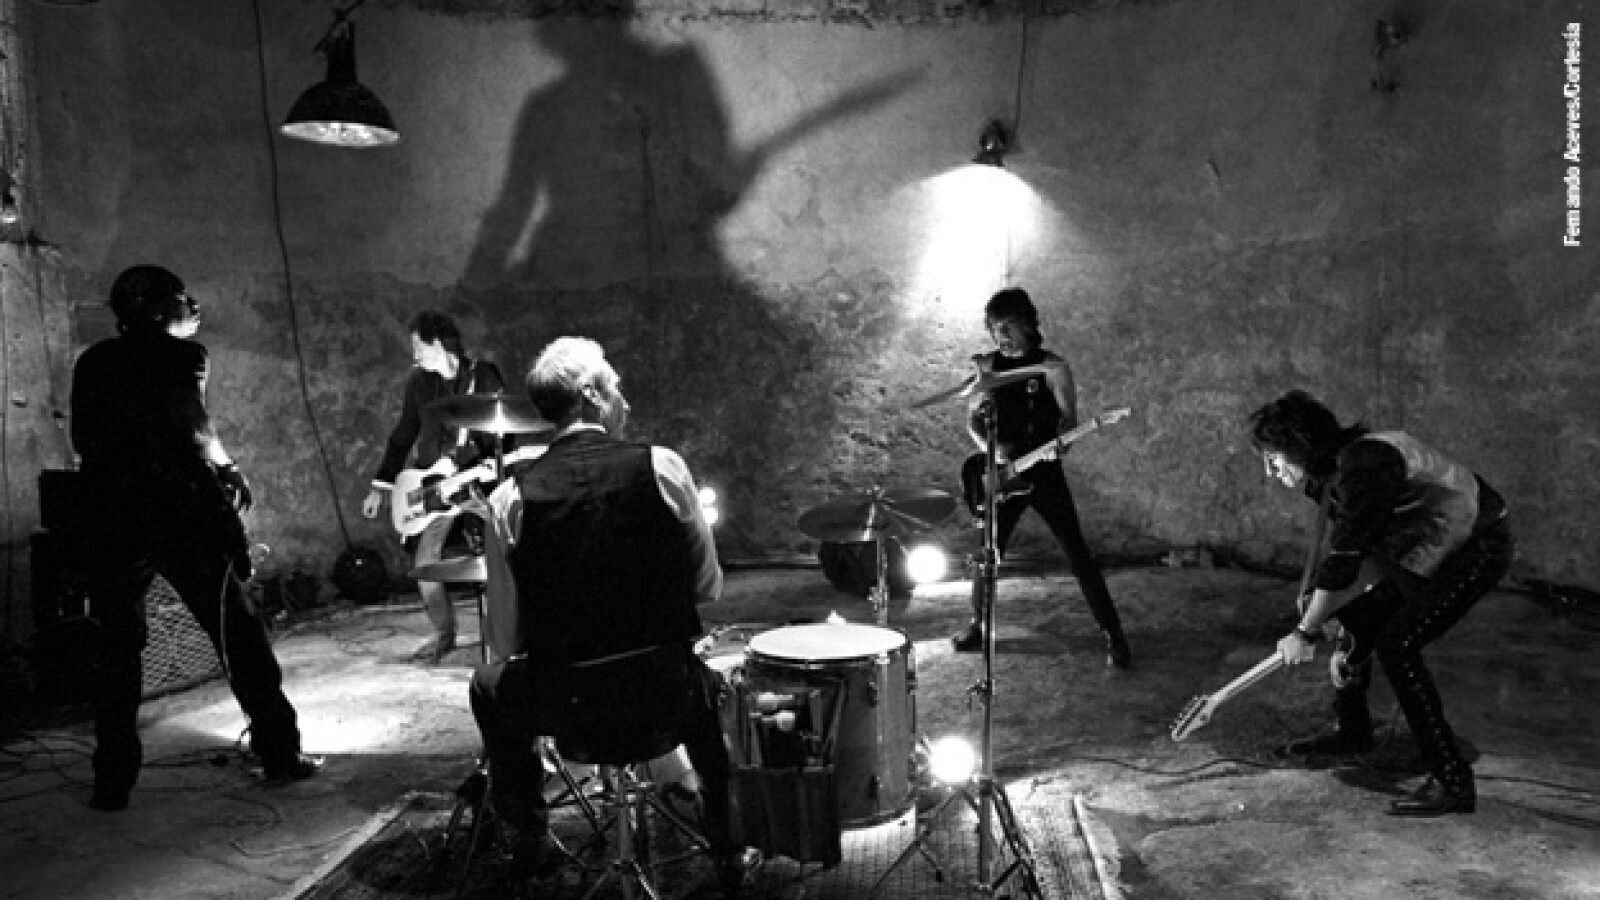 rolling stones, mexico, fernando aceves, 50 años, medio siglo, musica, satisfaction, paint it black, mick jagger, keith,